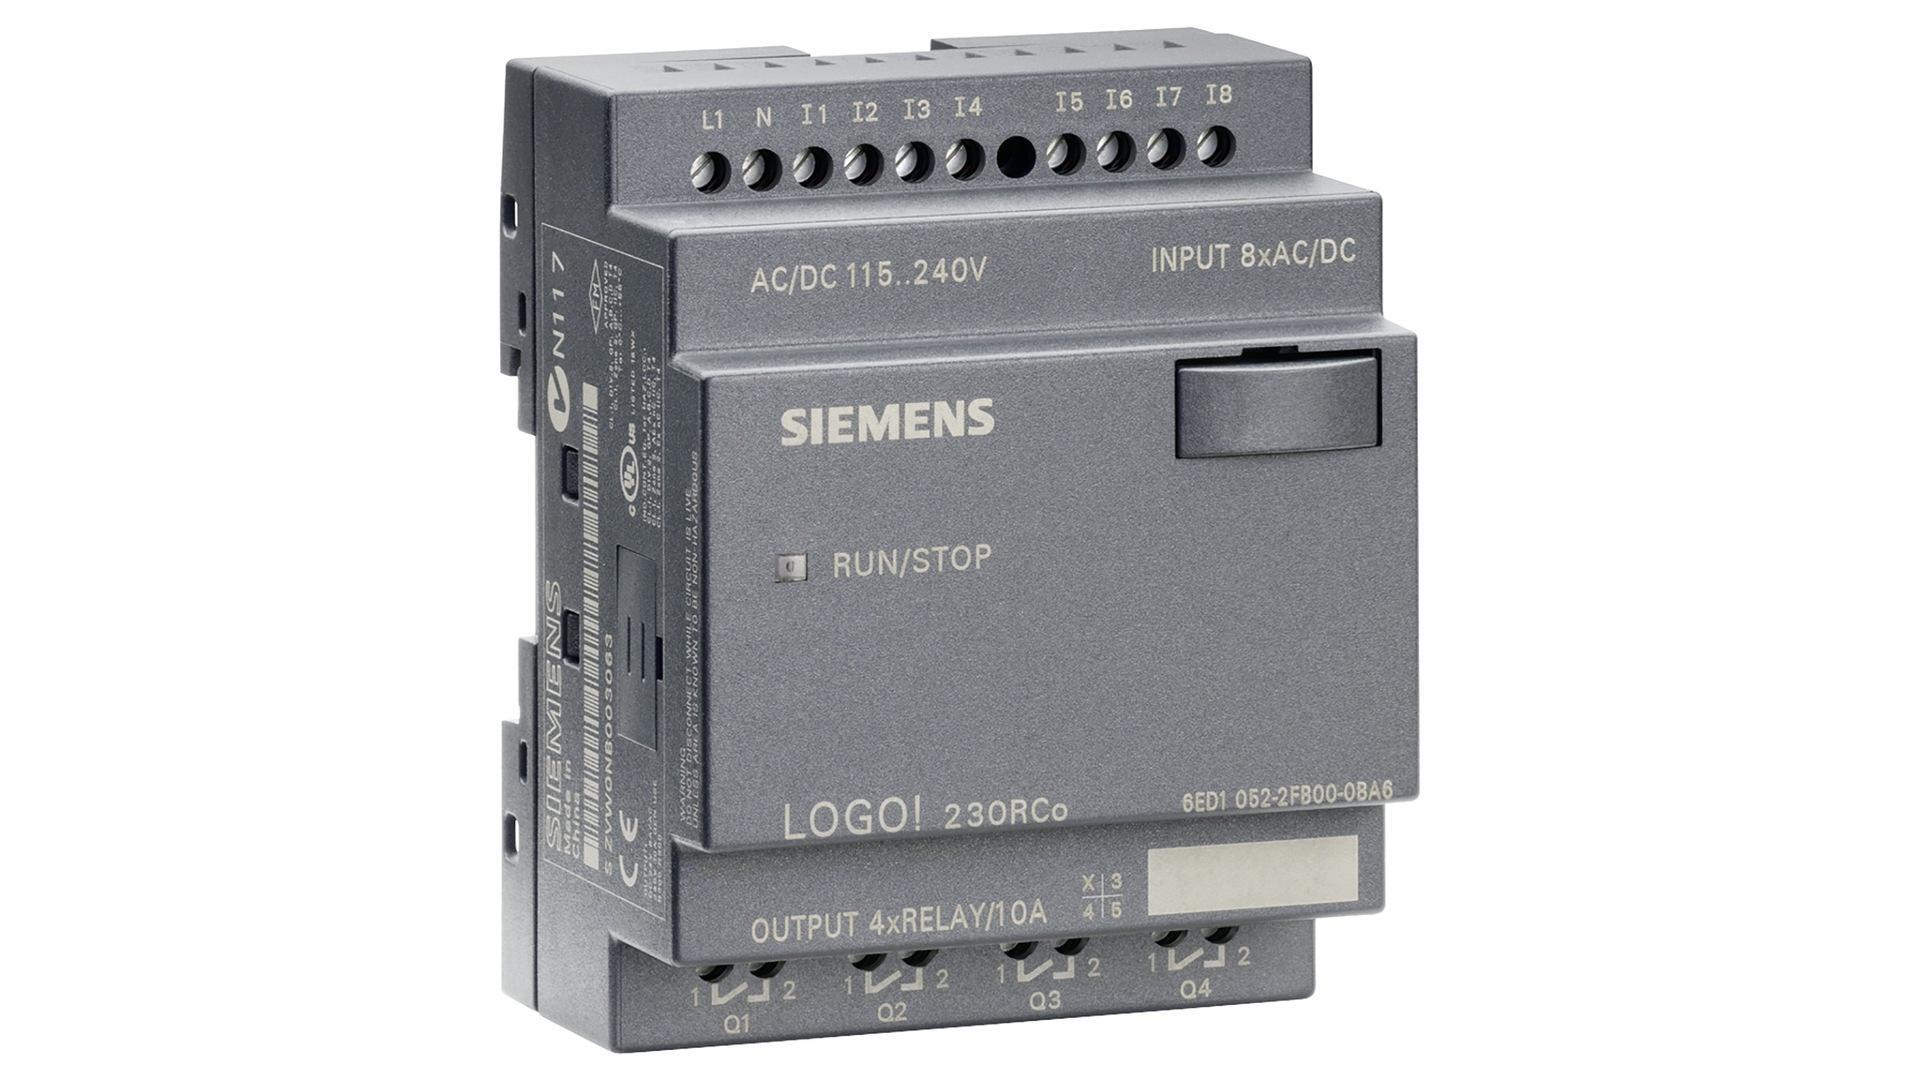 西门子PLC LOGO系列CPU中央处理器6ED10522FB000BA8